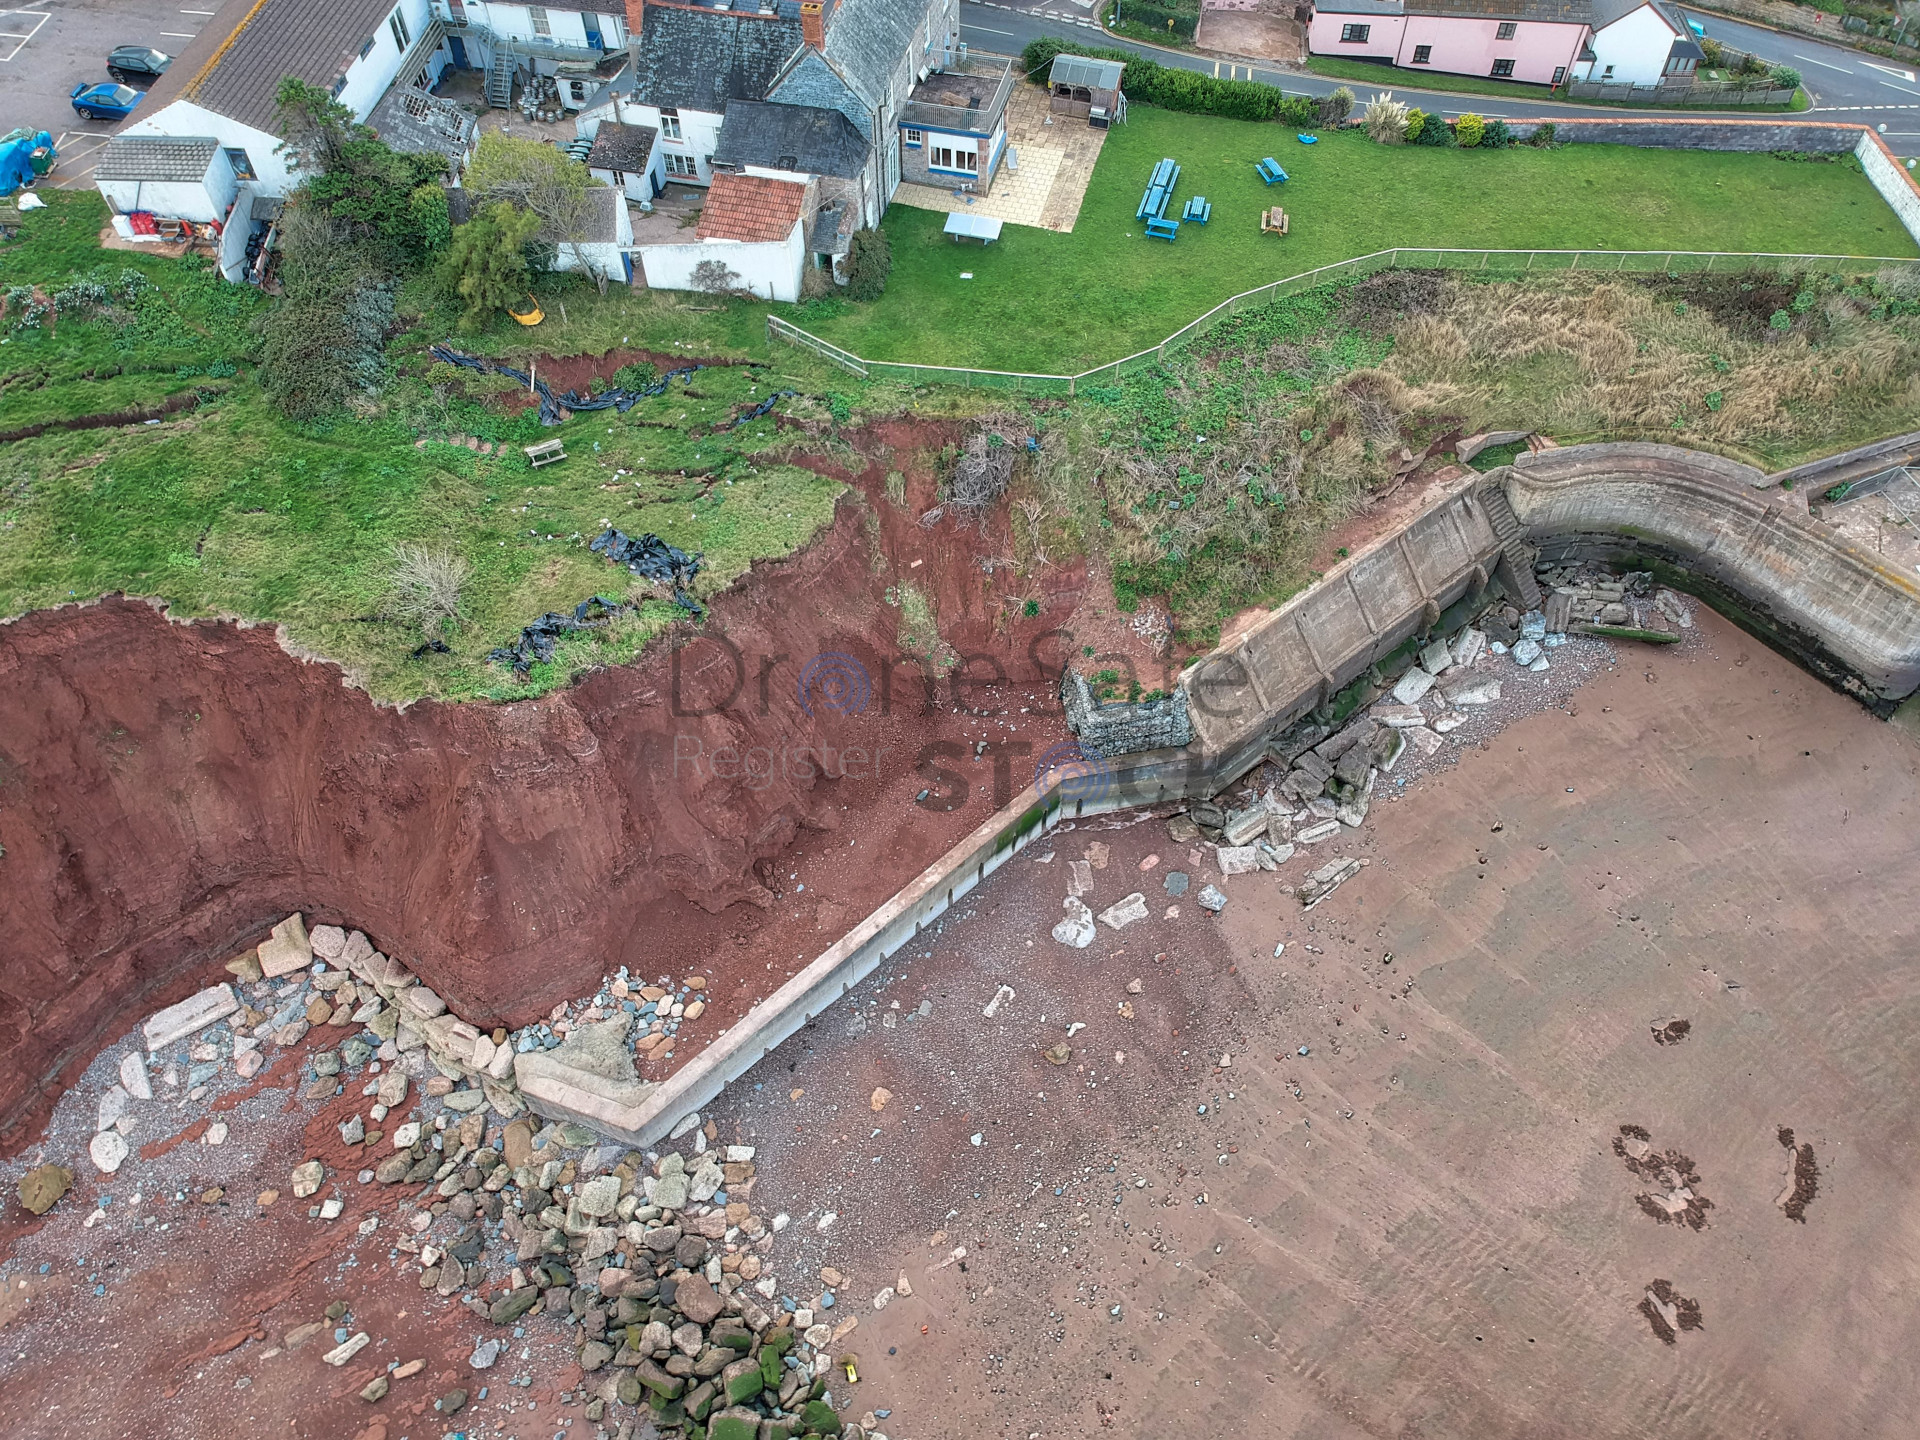 South West Aerial Surveys Ltd